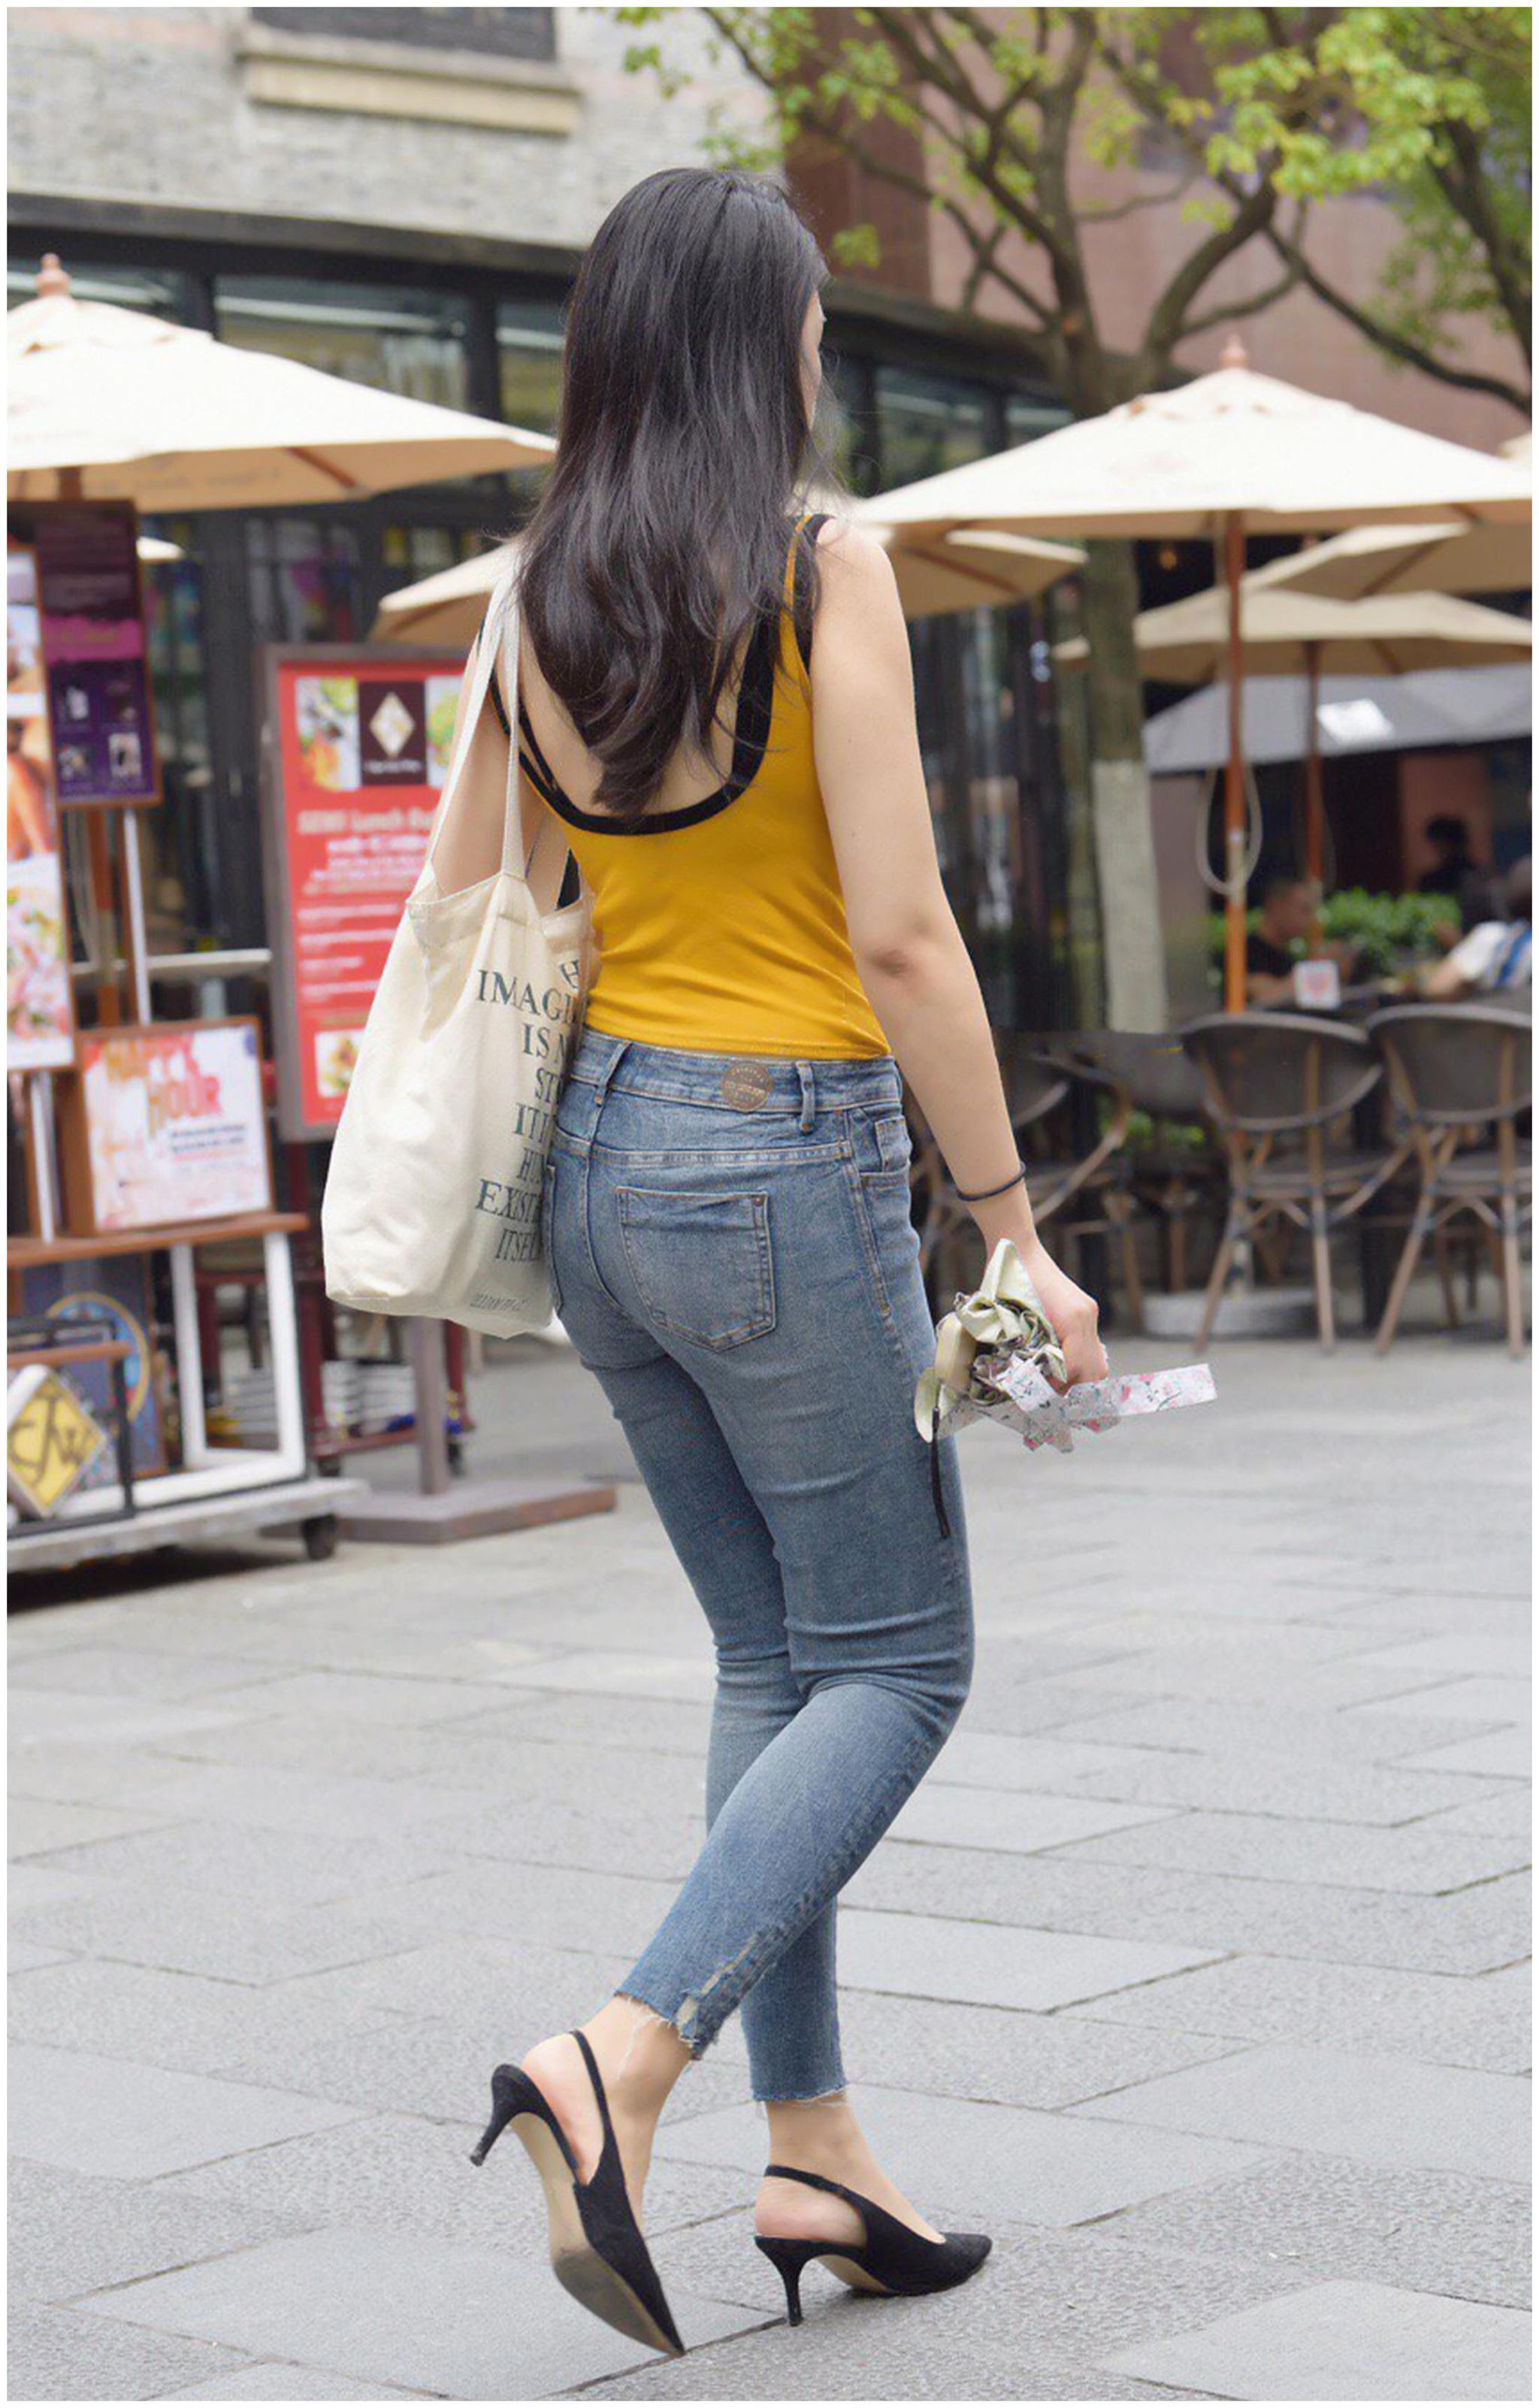 紧身牛仔裤_时尚街拍:蓝色紧身牛仔裤搭配黄色无袖背心,小姐姐很有活力